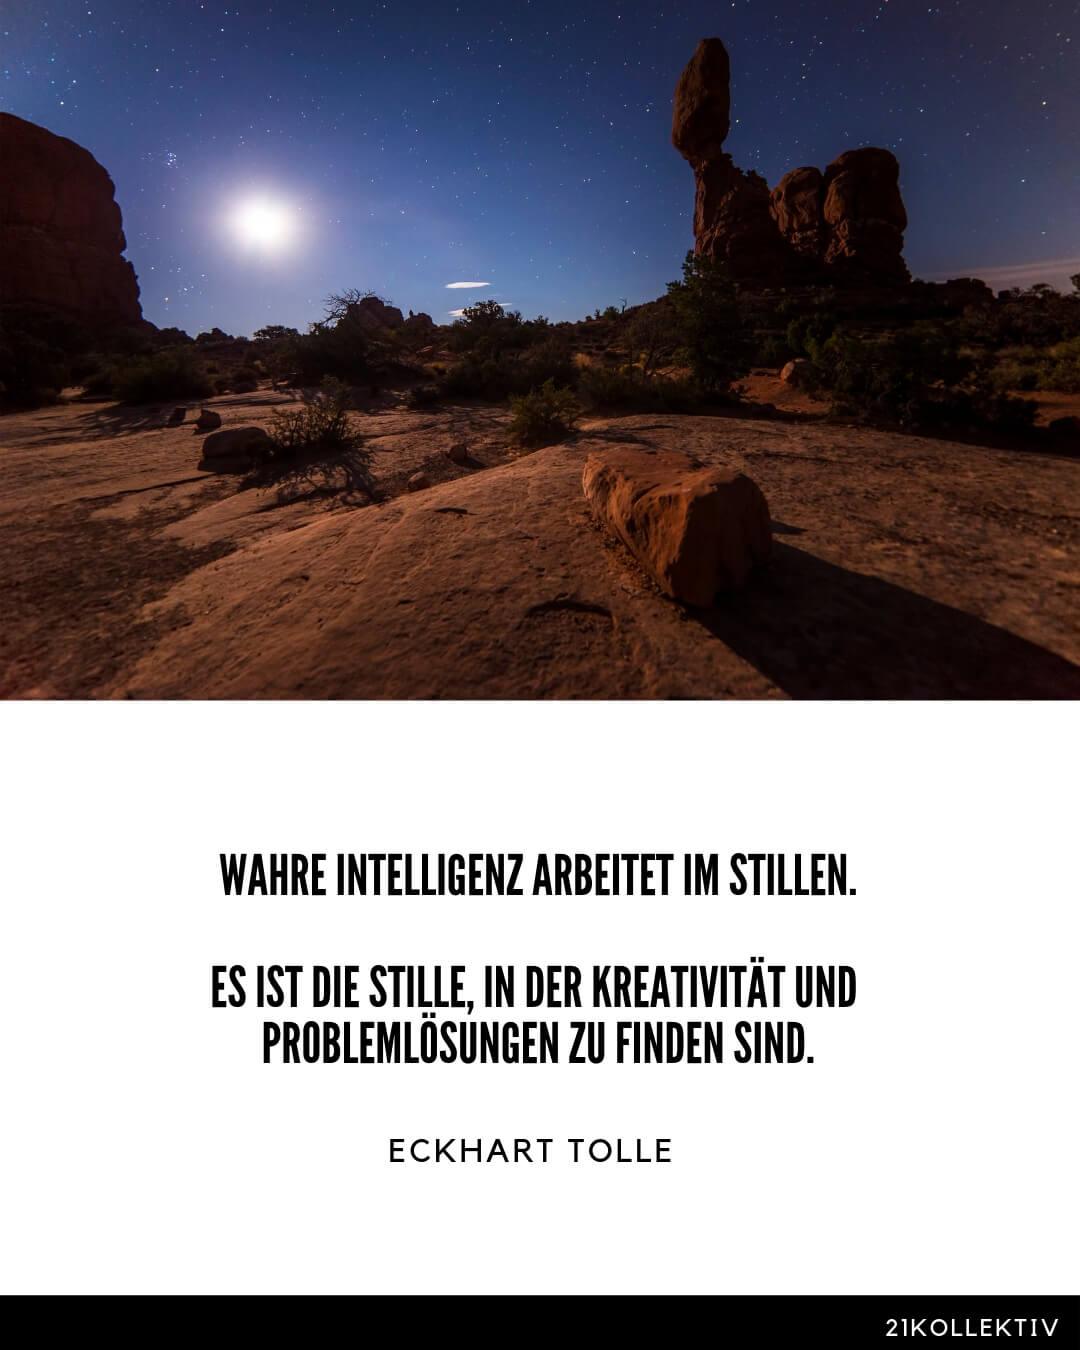 Wahre Intelligenz arbeitet im Stillen. Es ist die Stille, in der Kreativität und Problemlösungen zu finden sind. – Eckhart Tolle